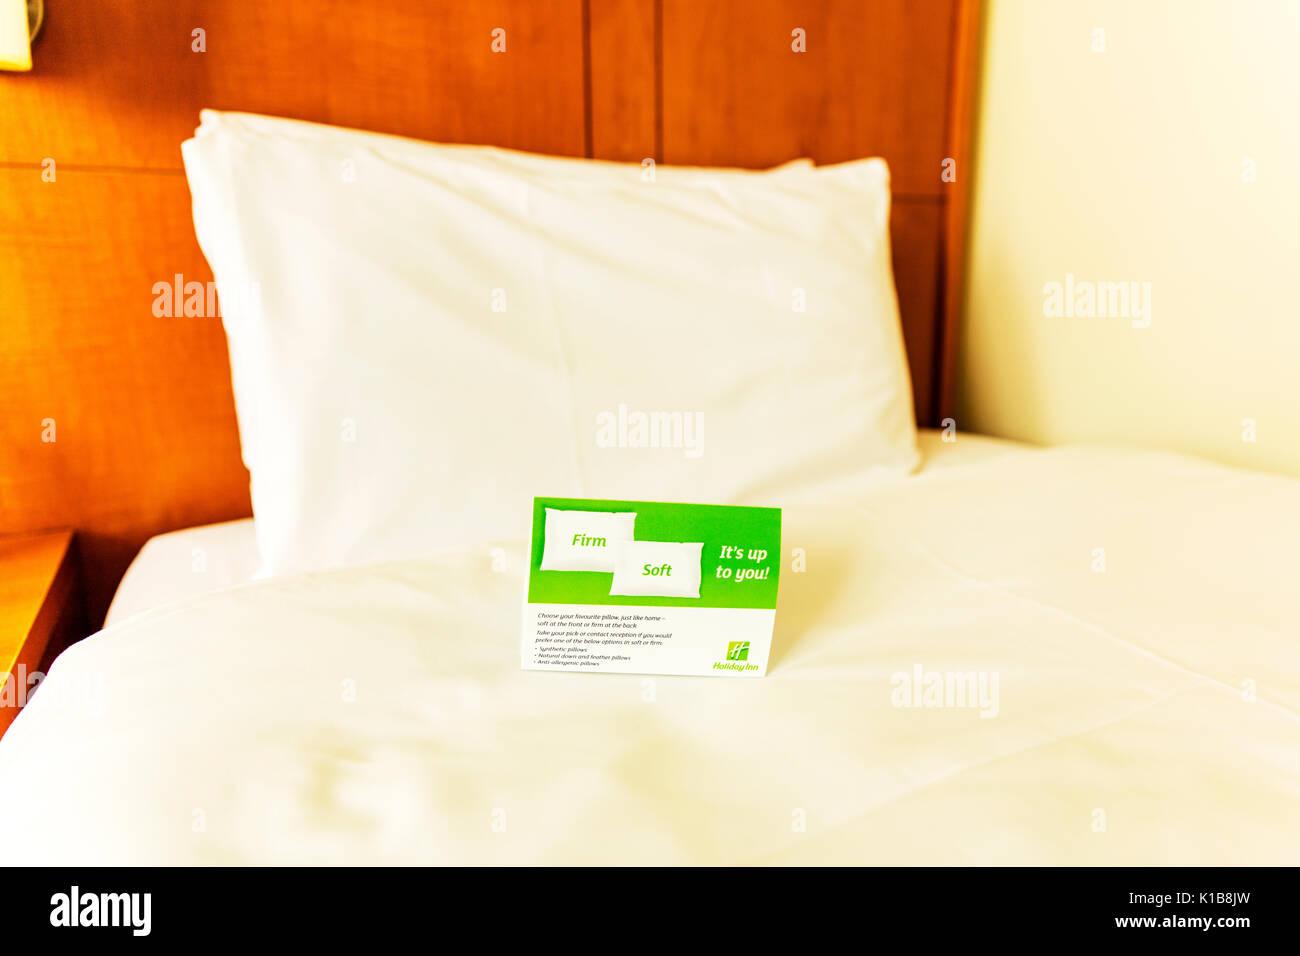 Holiday Inn almohada opciones, opciones de almohadas, Holiday Inn comfort, elija una almohada, elija almohadas, confort, comodidades hogareñas, almohadas, ropa de cama suave, firme, Imagen De Stock